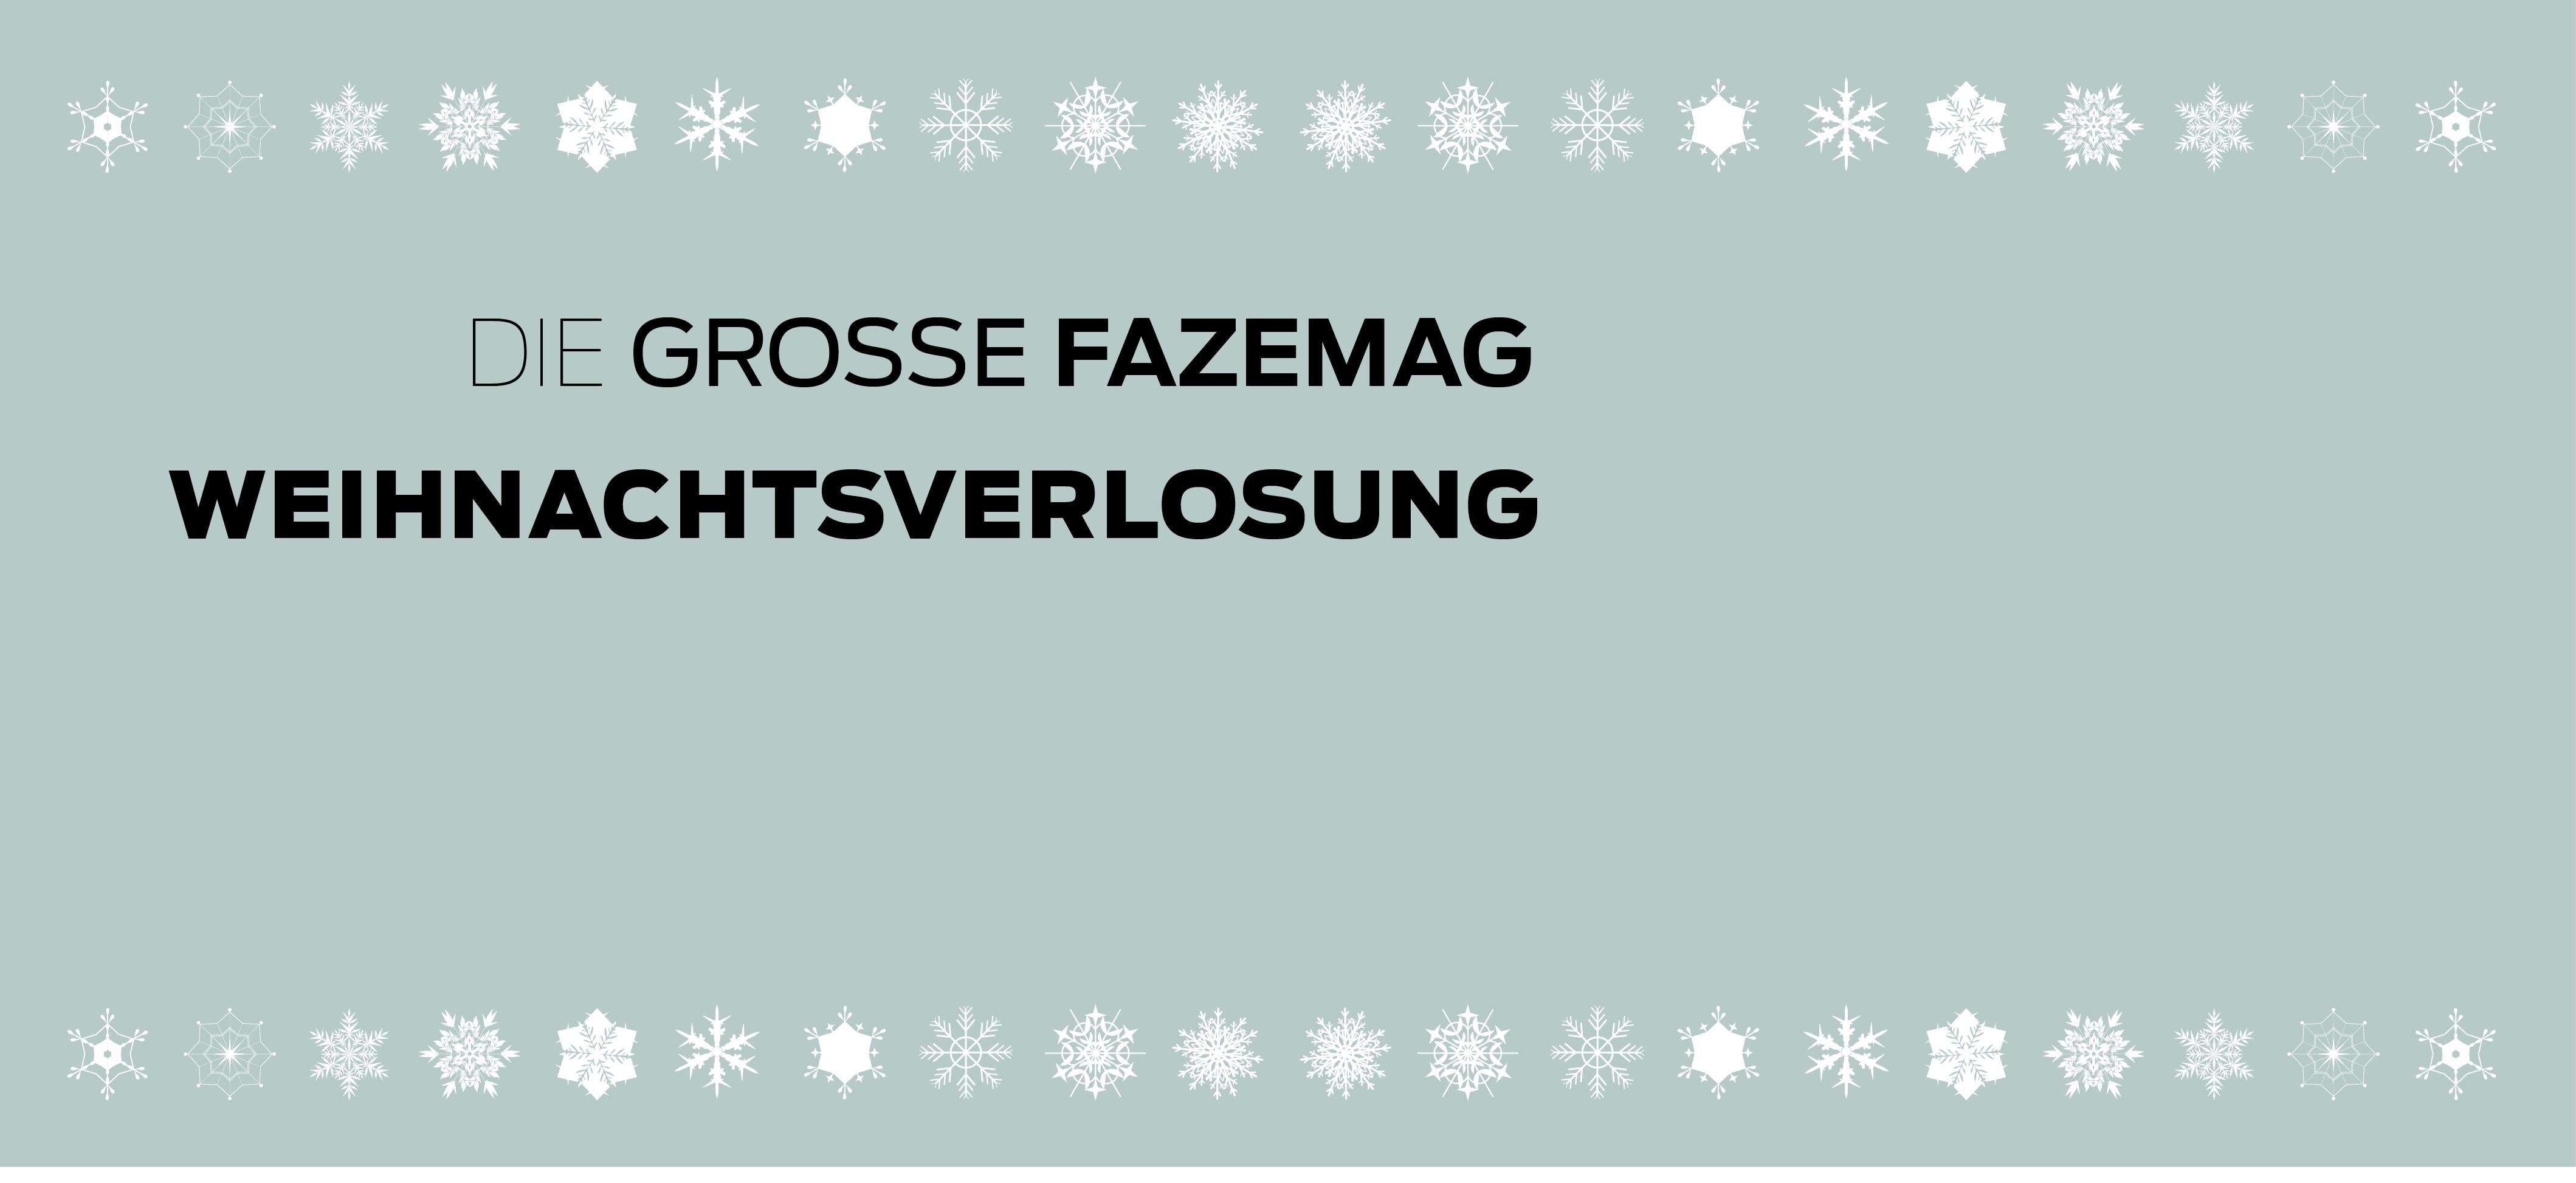 Die große FAZEmag Weihnachtsverlosung 2013